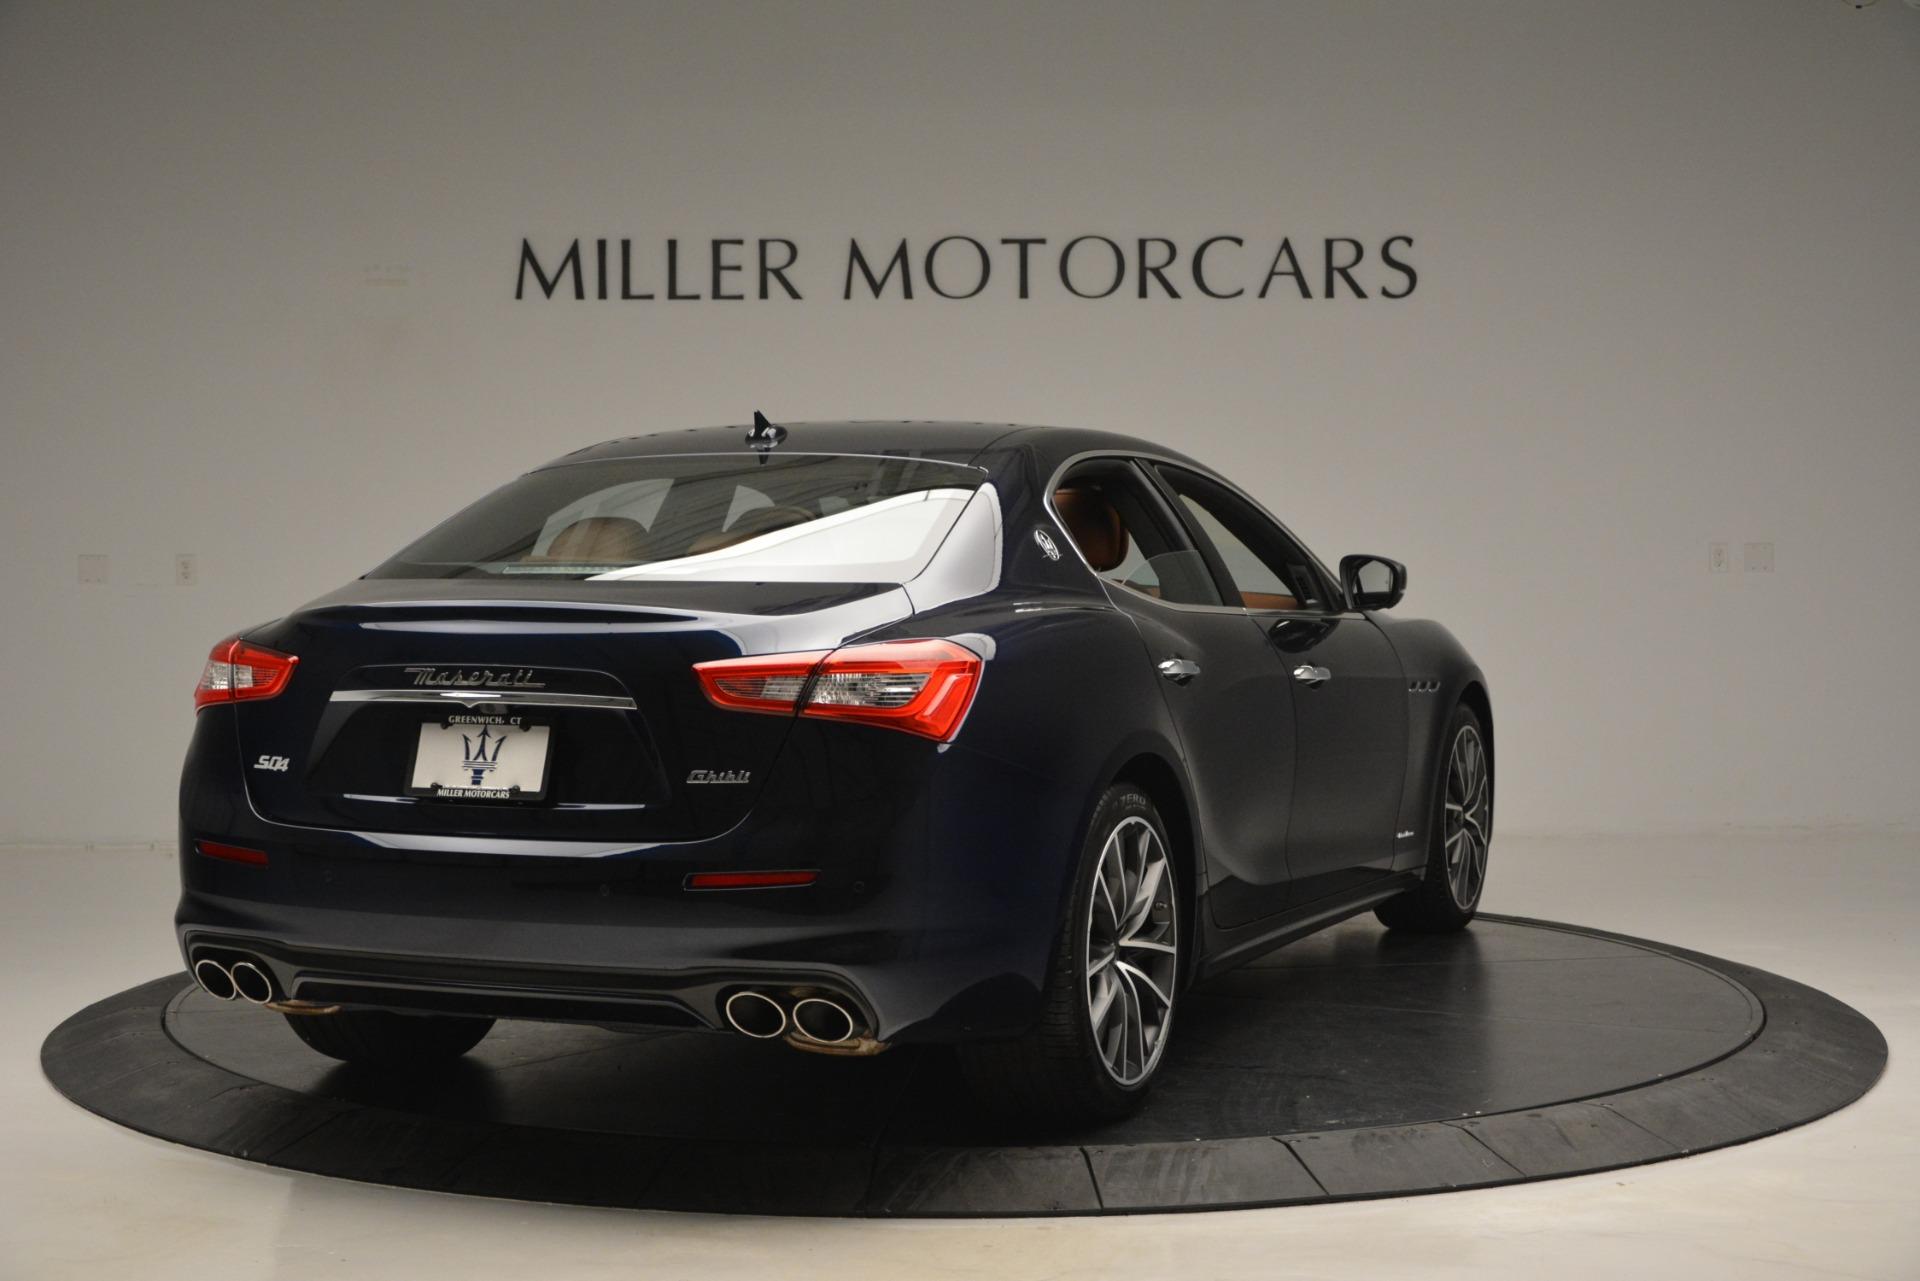 New 2019 Maserati Ghibli S Q4 GranLusso For Sale In Greenwich, CT. Alfa Romeo of Greenwich, M2251 2882_p10